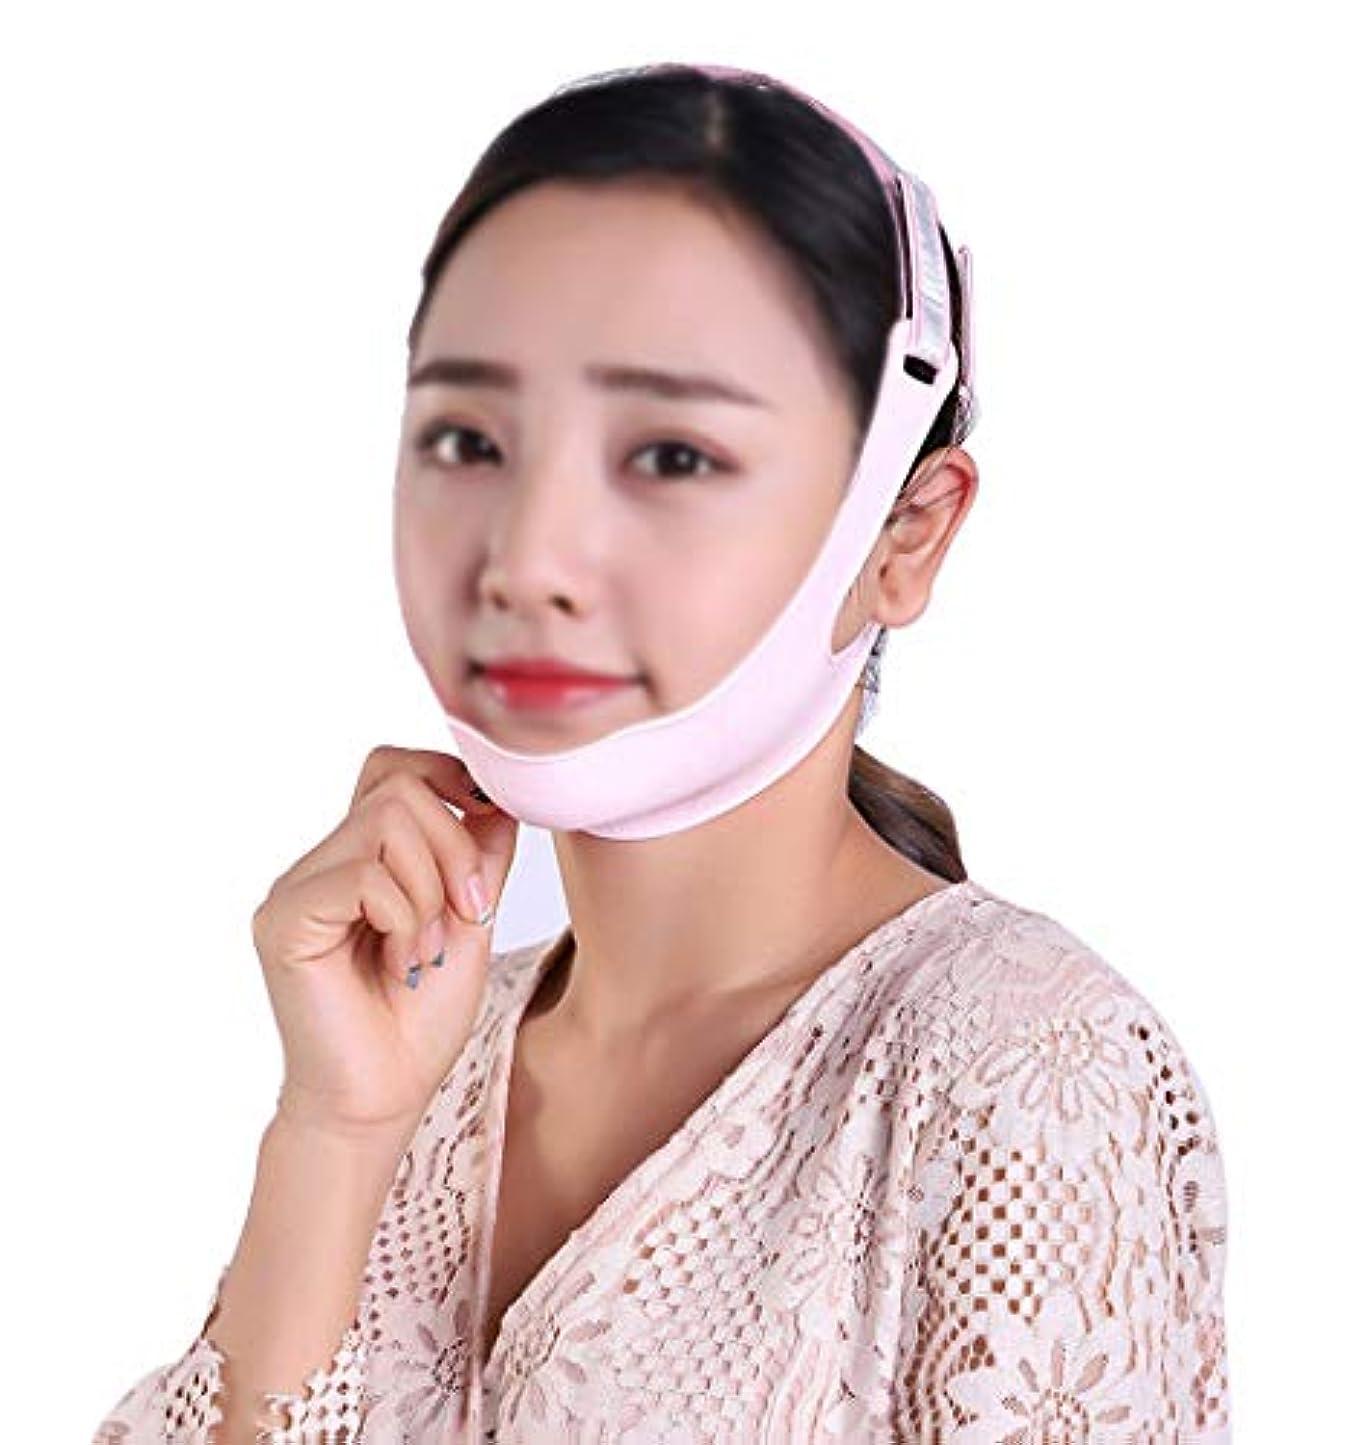 ジャズリップ野心GLJJQMY フェイシャルリフティングマスクシリコンVマスク引き締めフェイシャル包帯スモールVフェイスアーティファクト防止リラクゼーションフェイシャル&ネックリフティング 顔用整形マスク (Size : L)